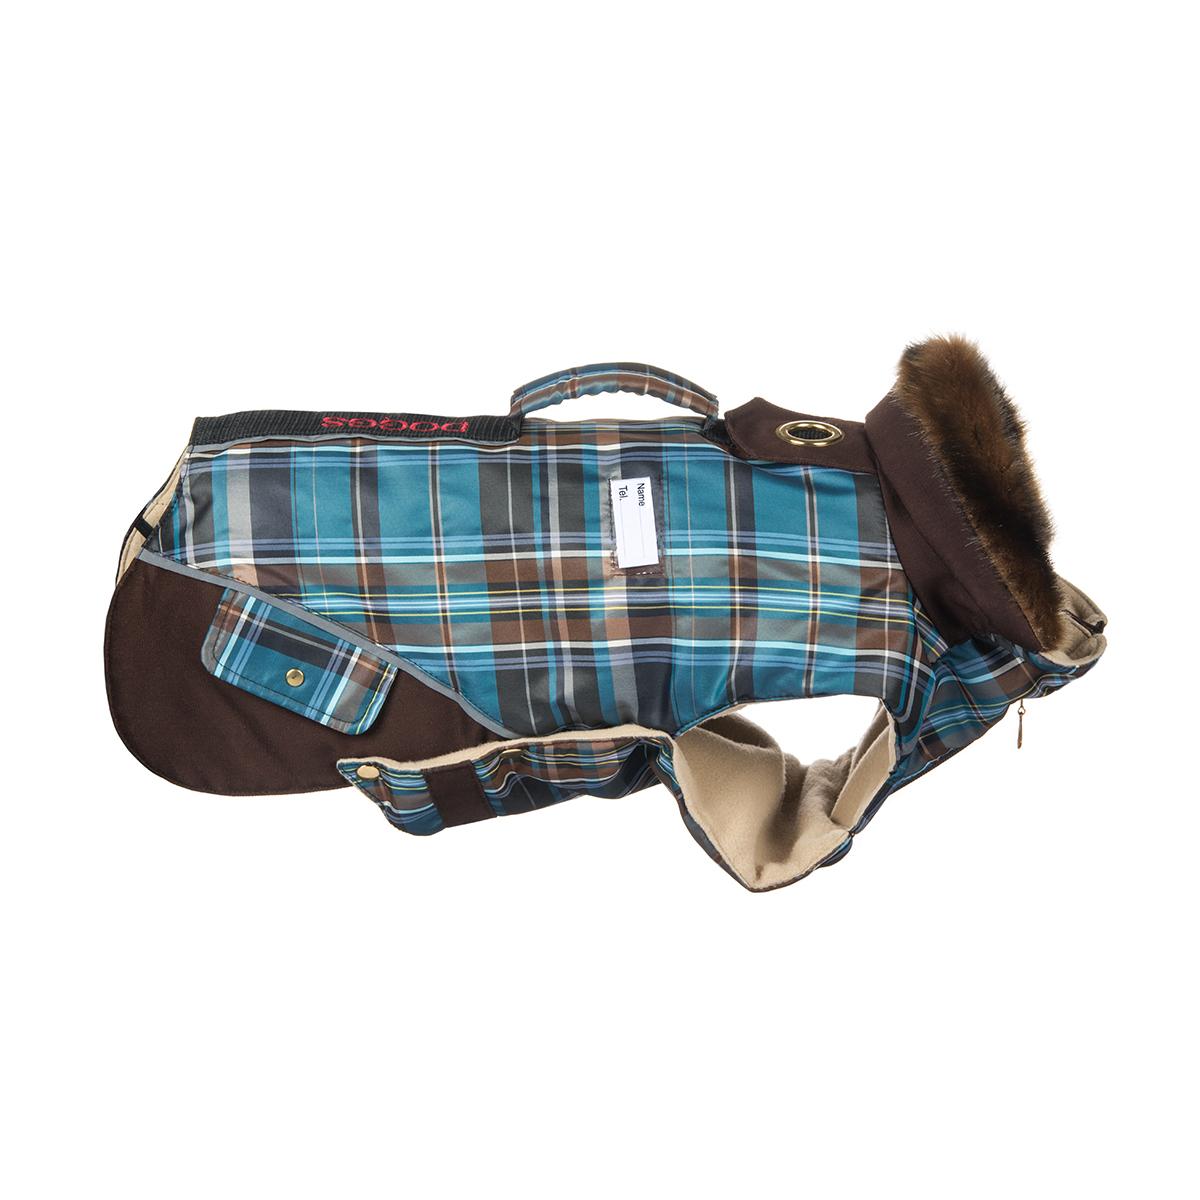 Попона для собак Dogmoda Doggs, для мальчика, цвет: синий, коричневый. Размер LDM-140548Теплая попона для собак Dogmoda Doggs отлично подойдет для прогулок в холодное время года. Попона изготовлена из водоотталкивающего полиэстера, защищающего от ветра и осадков, с утеплителем из синтепона, который сохранит тепло даже в сильные морозы, а на подкладке используется флис, который отлично сохраняет тепло и обеспечивает воздухообмен. Попона оснащена прорезями для ног и застегивается на кнопки, а высокий ворот с расширителем имеет застежку-молнию и кнопку, благодаря чему ее легко надевать и снимать. Ворот украшен искусственным мехом. На животе попона затягивается на шнурок-кулиску с зажимом. Спинка декорирована вышитой надписью Doggs, оснащена светоотражающими элементами и ручкой. Модель снабжена непромокаемым карманом для размещения записки с информацией о вашем питомце, на случай если он потеряется. Благодаря такой попоне питомцу будет тепло и комфортно в любое время года. Попона подходит для собак следующих пород: - шарпей ...